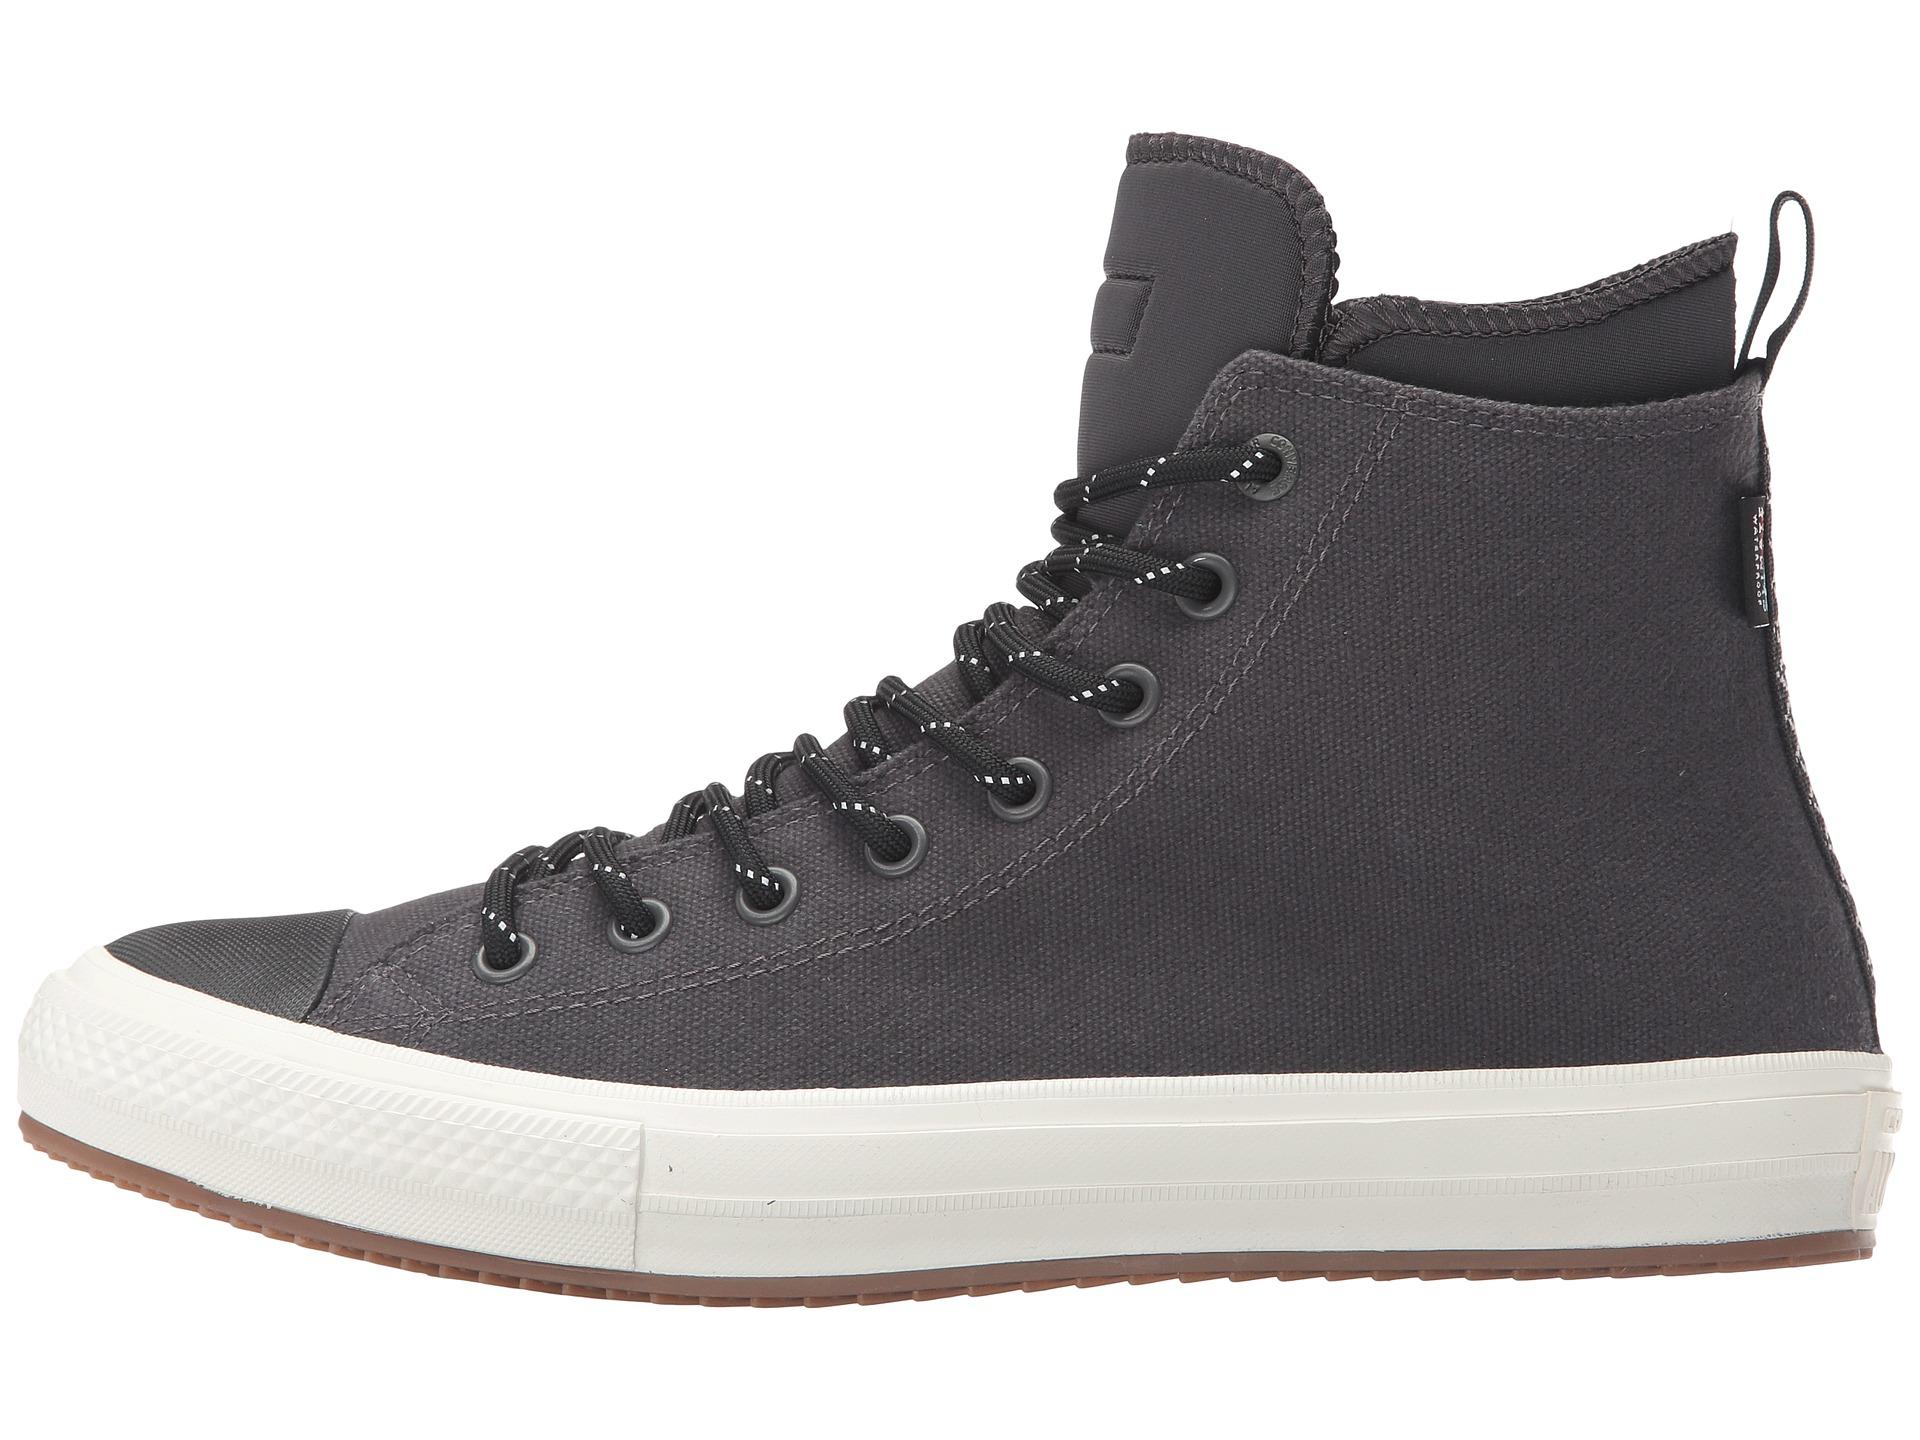 c749bd2fa6a Converse Chuck Taylor All Star Ii Shield Canvas Sneaker Boot Hi Almost  Black Black Egret